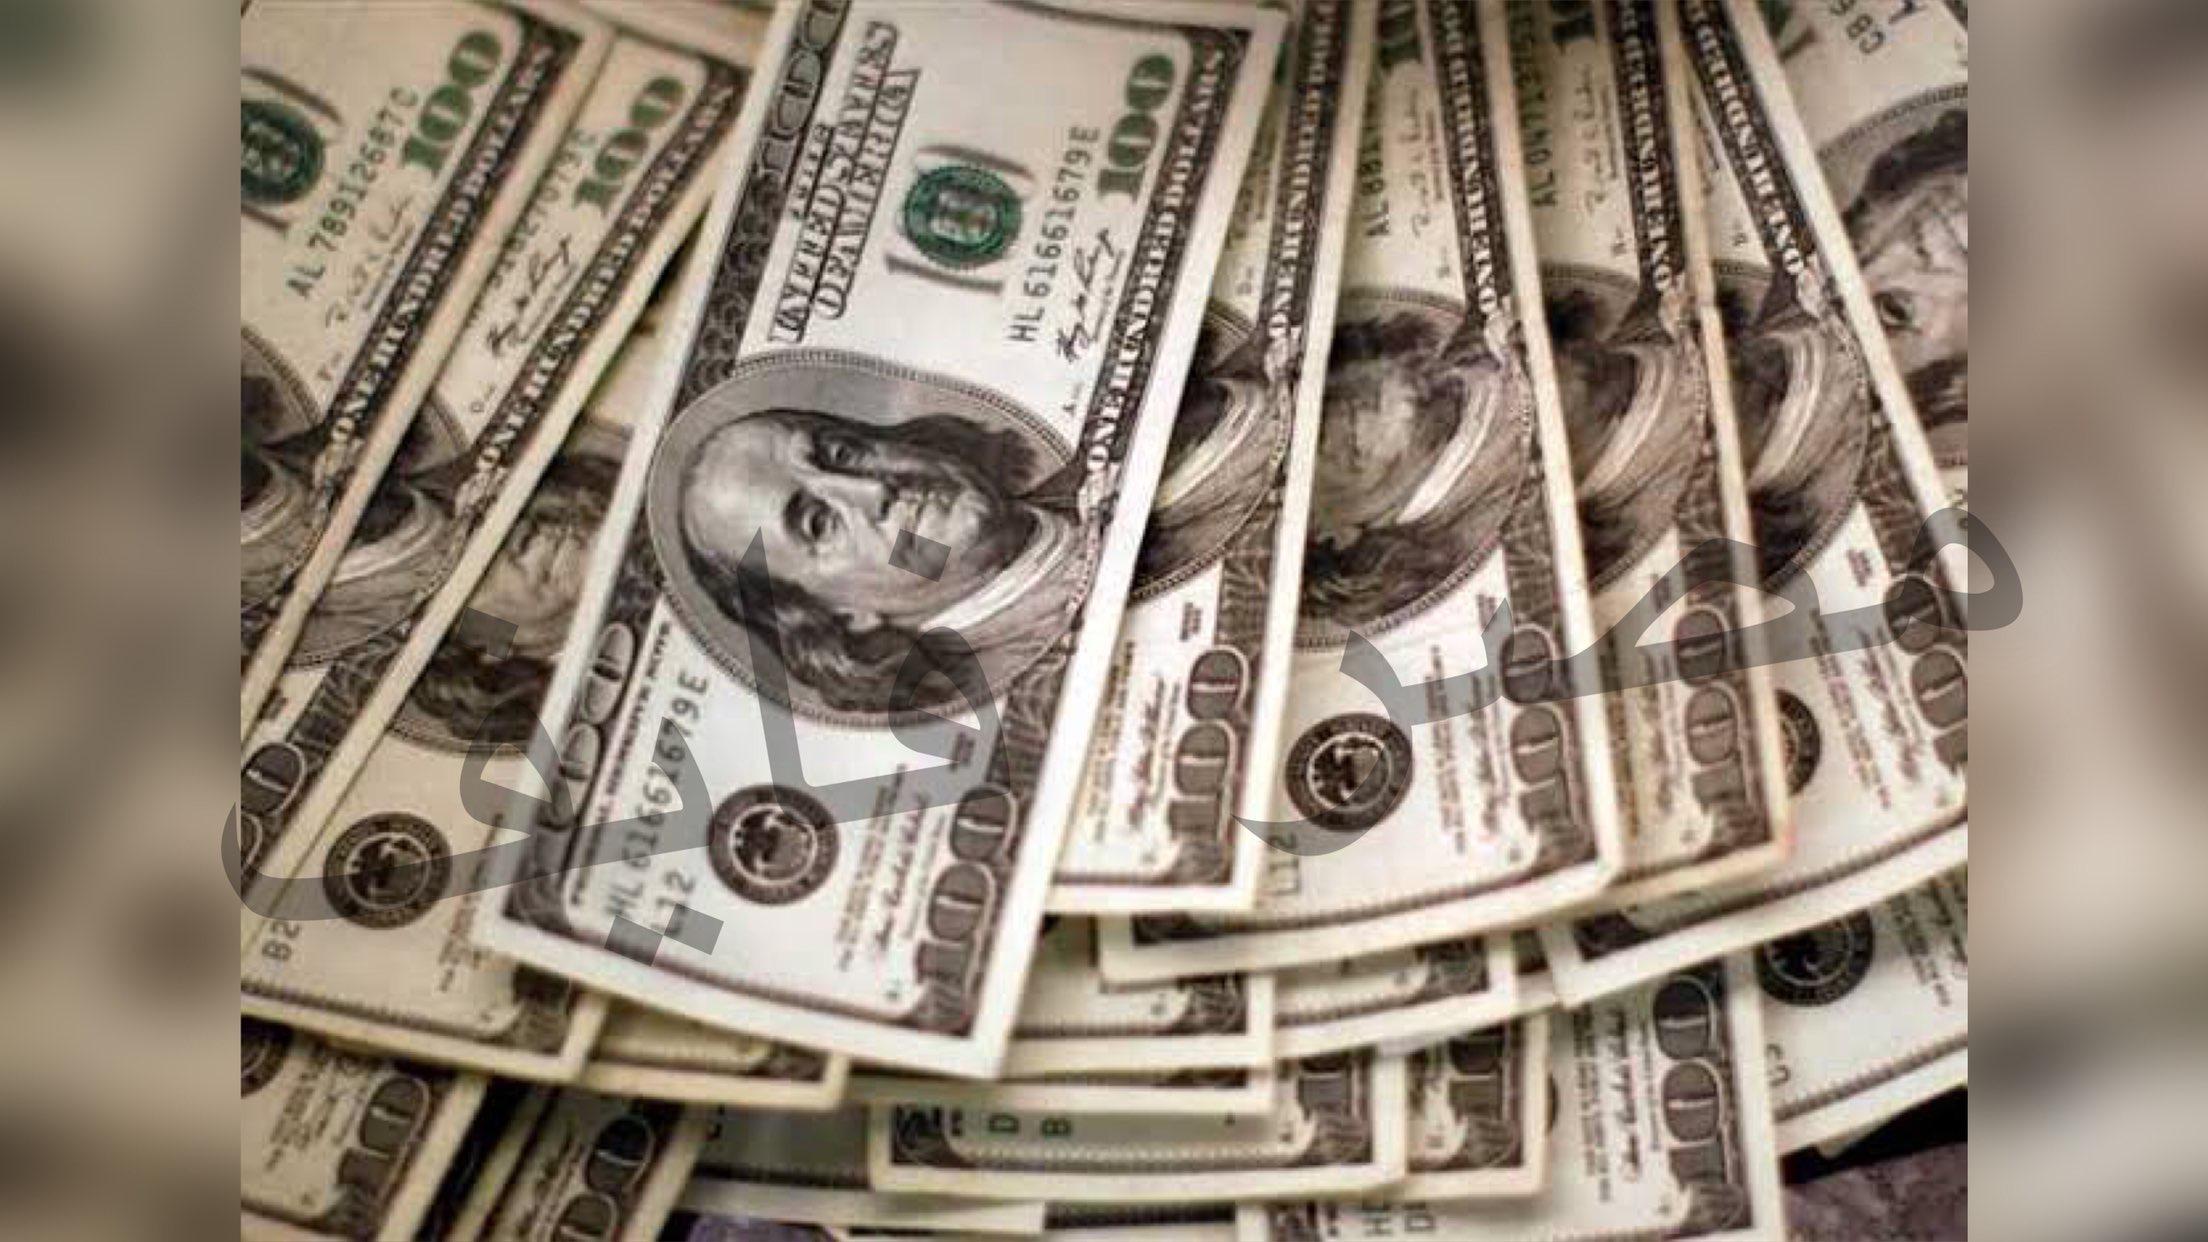 سعر الدولار اليوم في مصر تحديث يومي 5 يوليو 2021